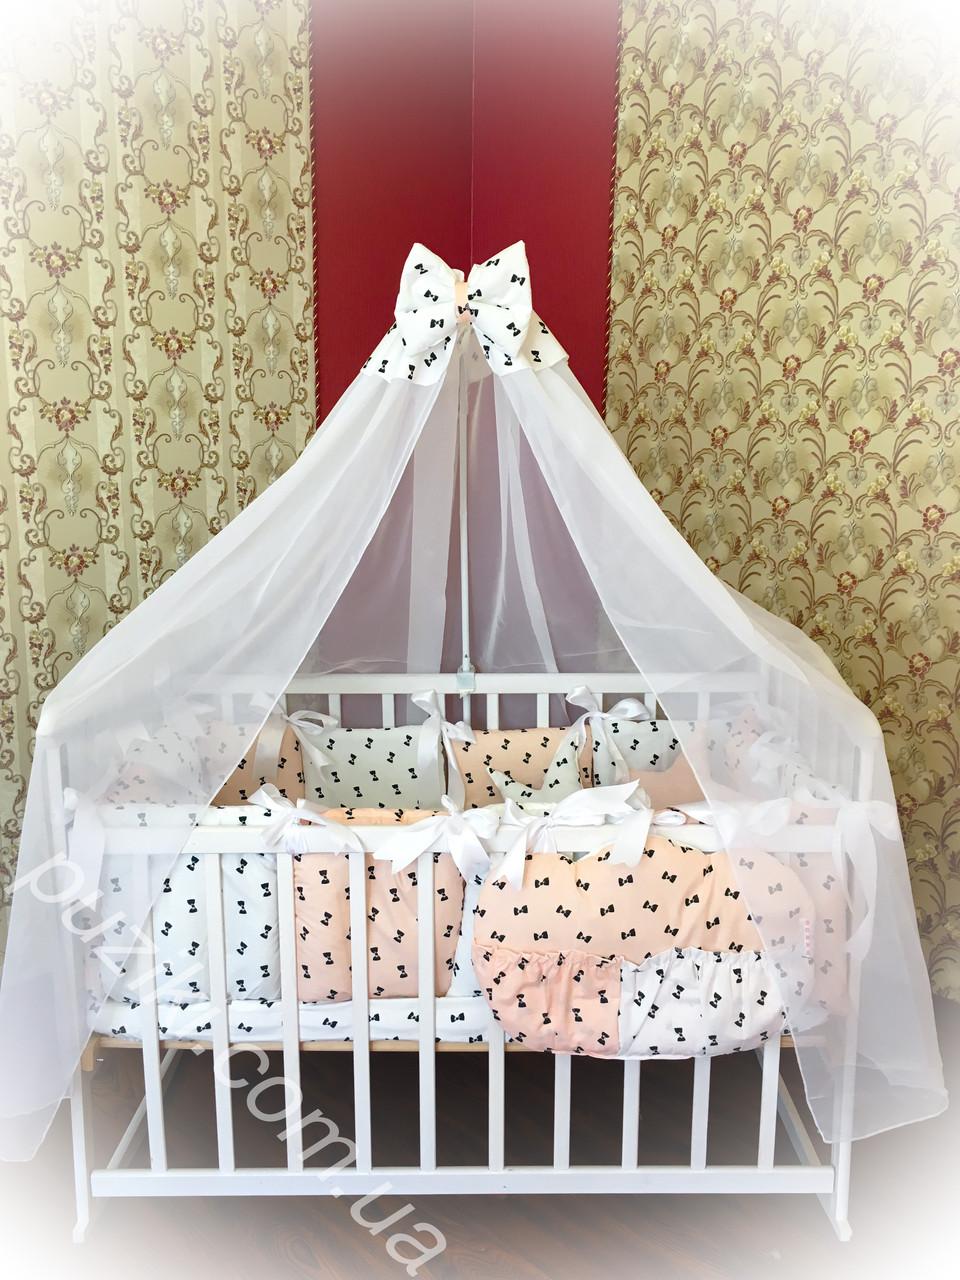 Комплект детского постельного белья 6 в 1 с принтом бантики персиковый